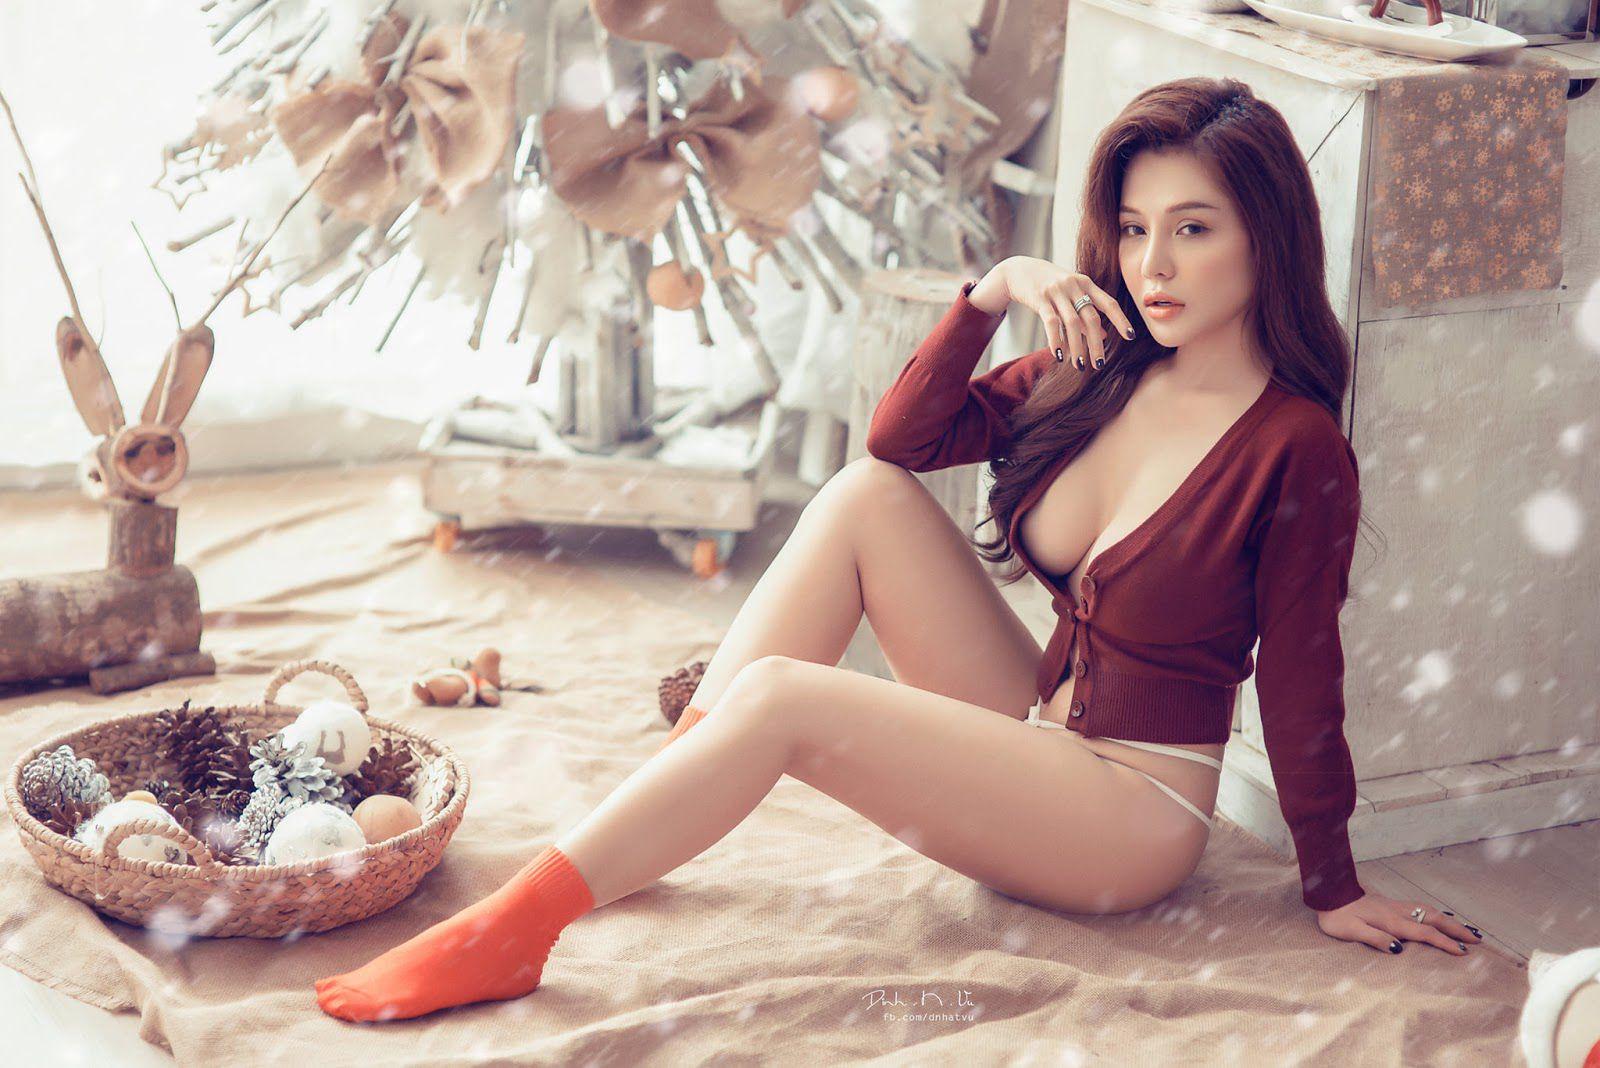 Ngắm bộ ảnh sexy của Trần Ngọc Ánh & Mon 2k